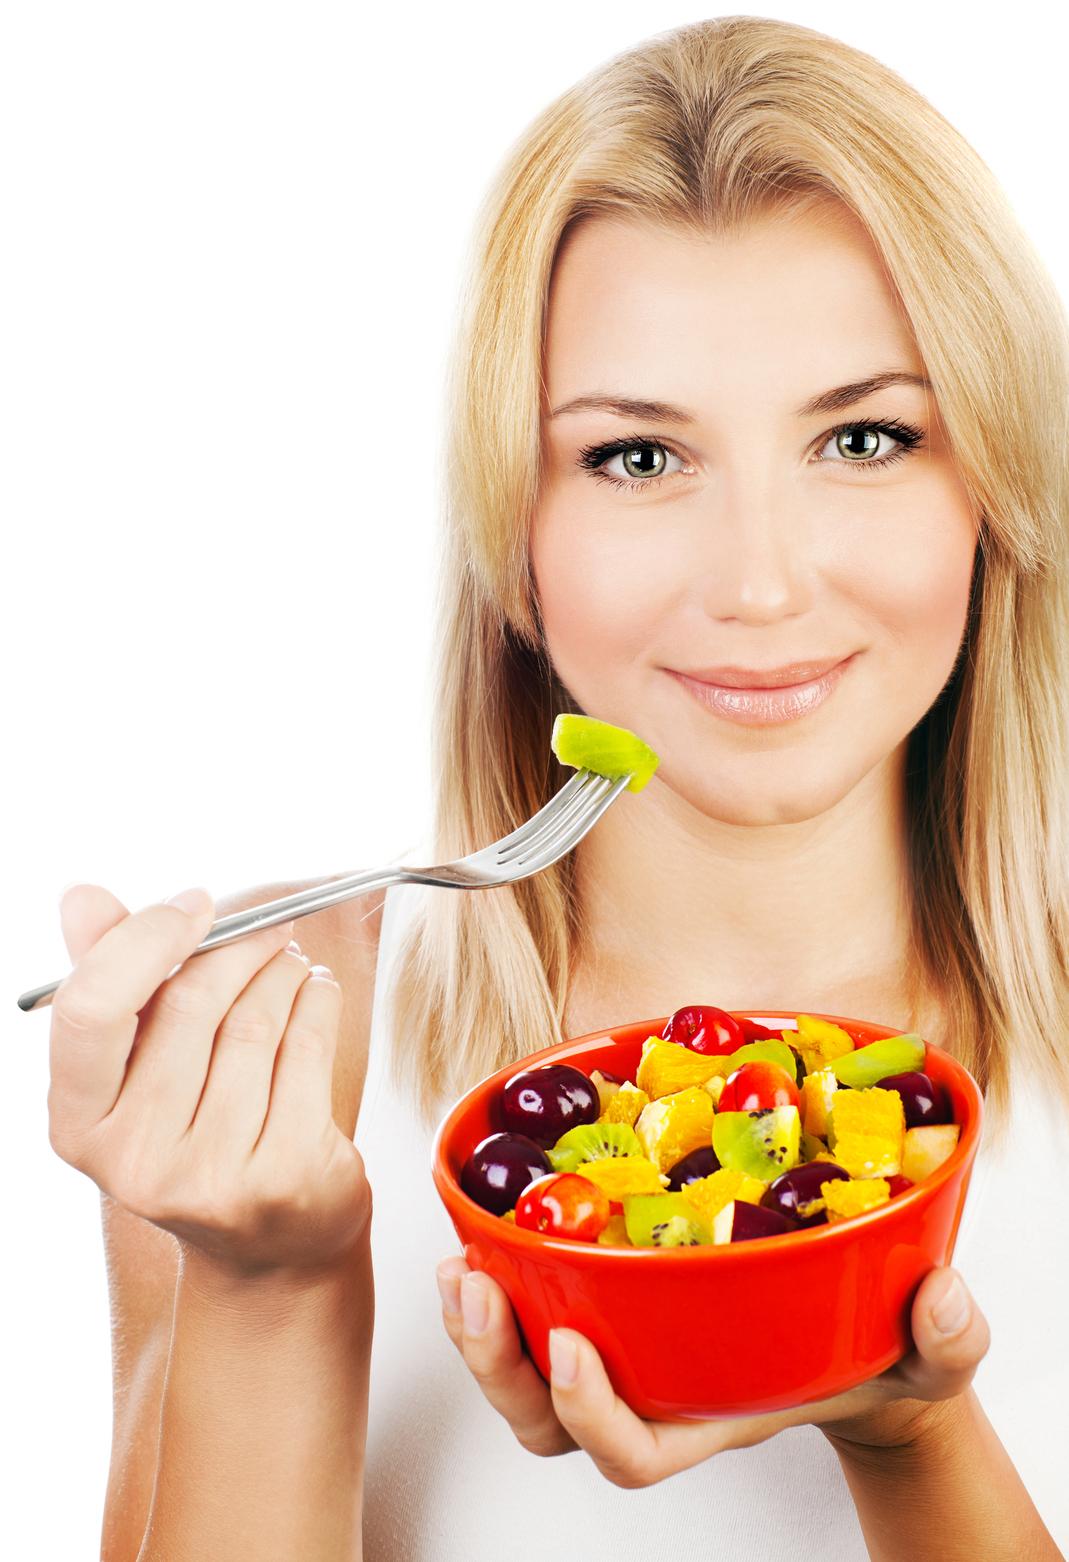 здоровое питание,белок,женское здоровье,диета для красты,фолиевая кислота